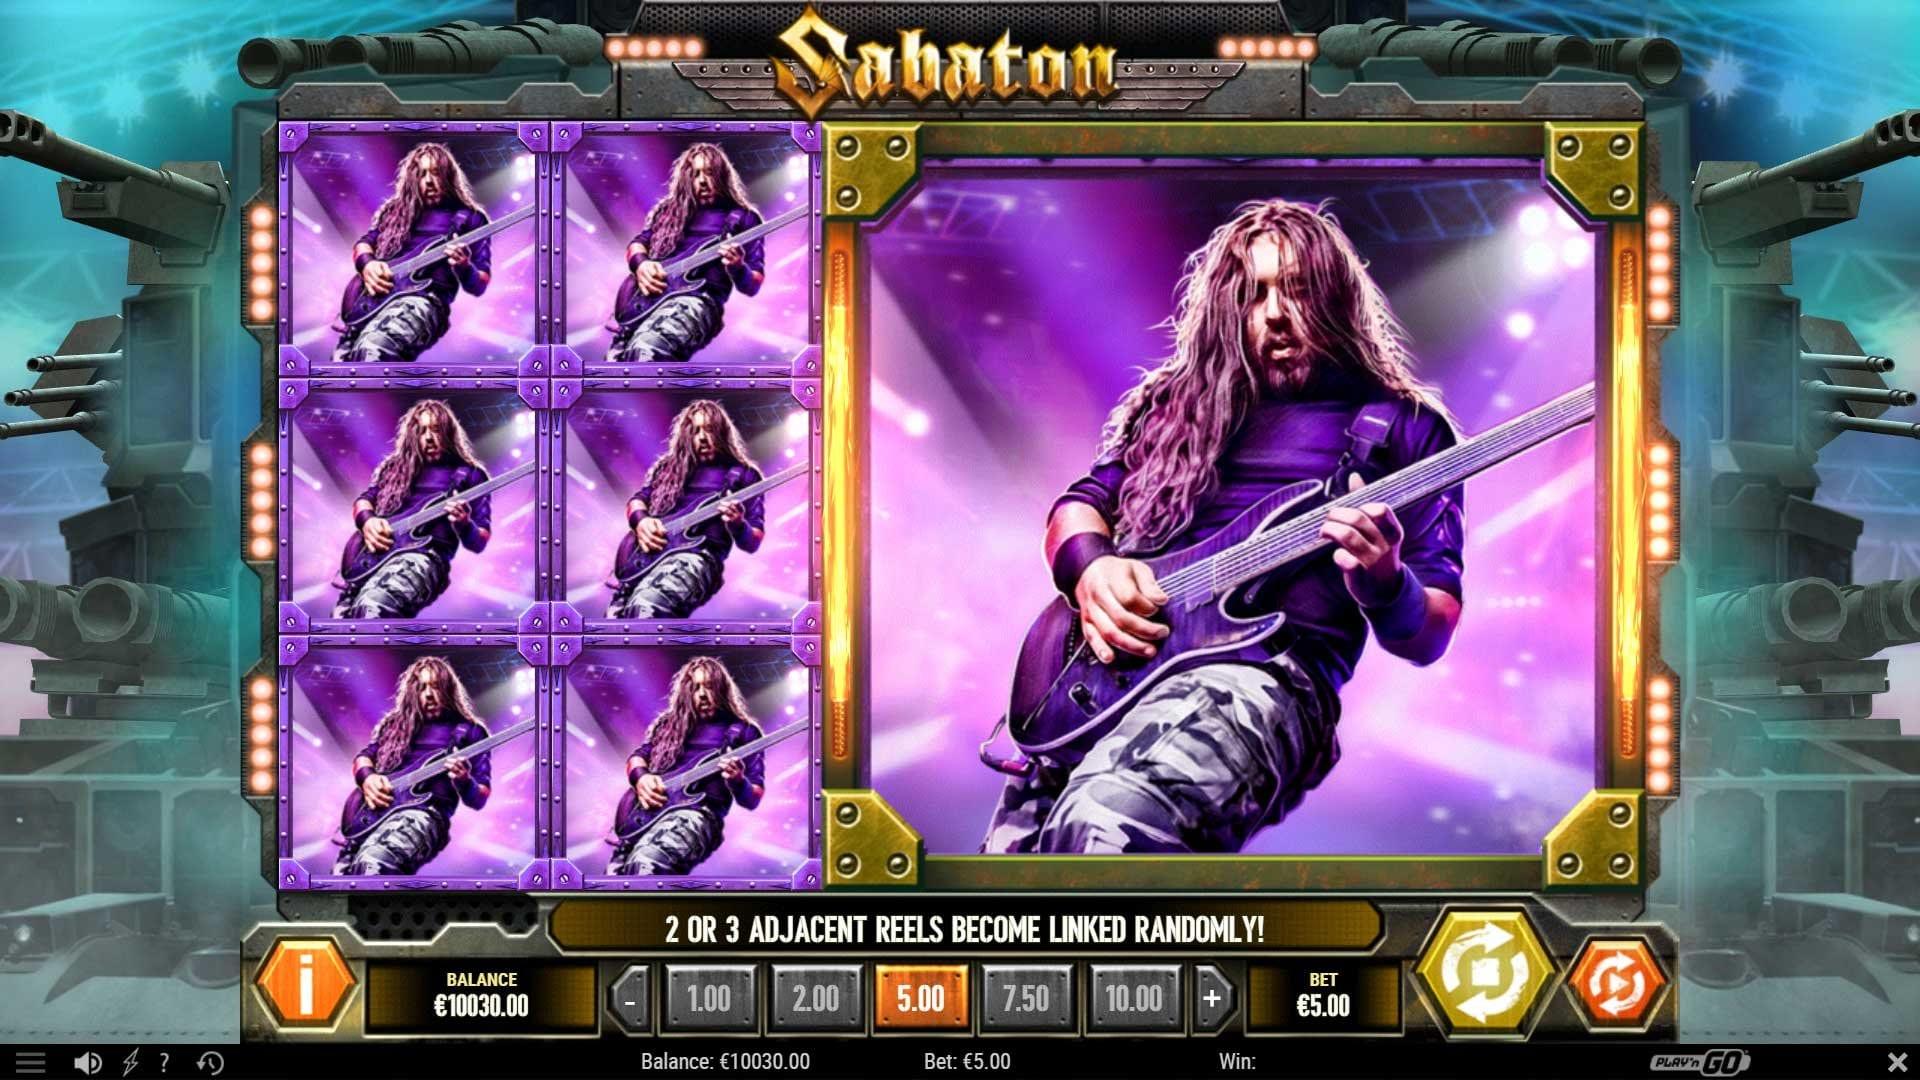 Sabaton Slot Big Win